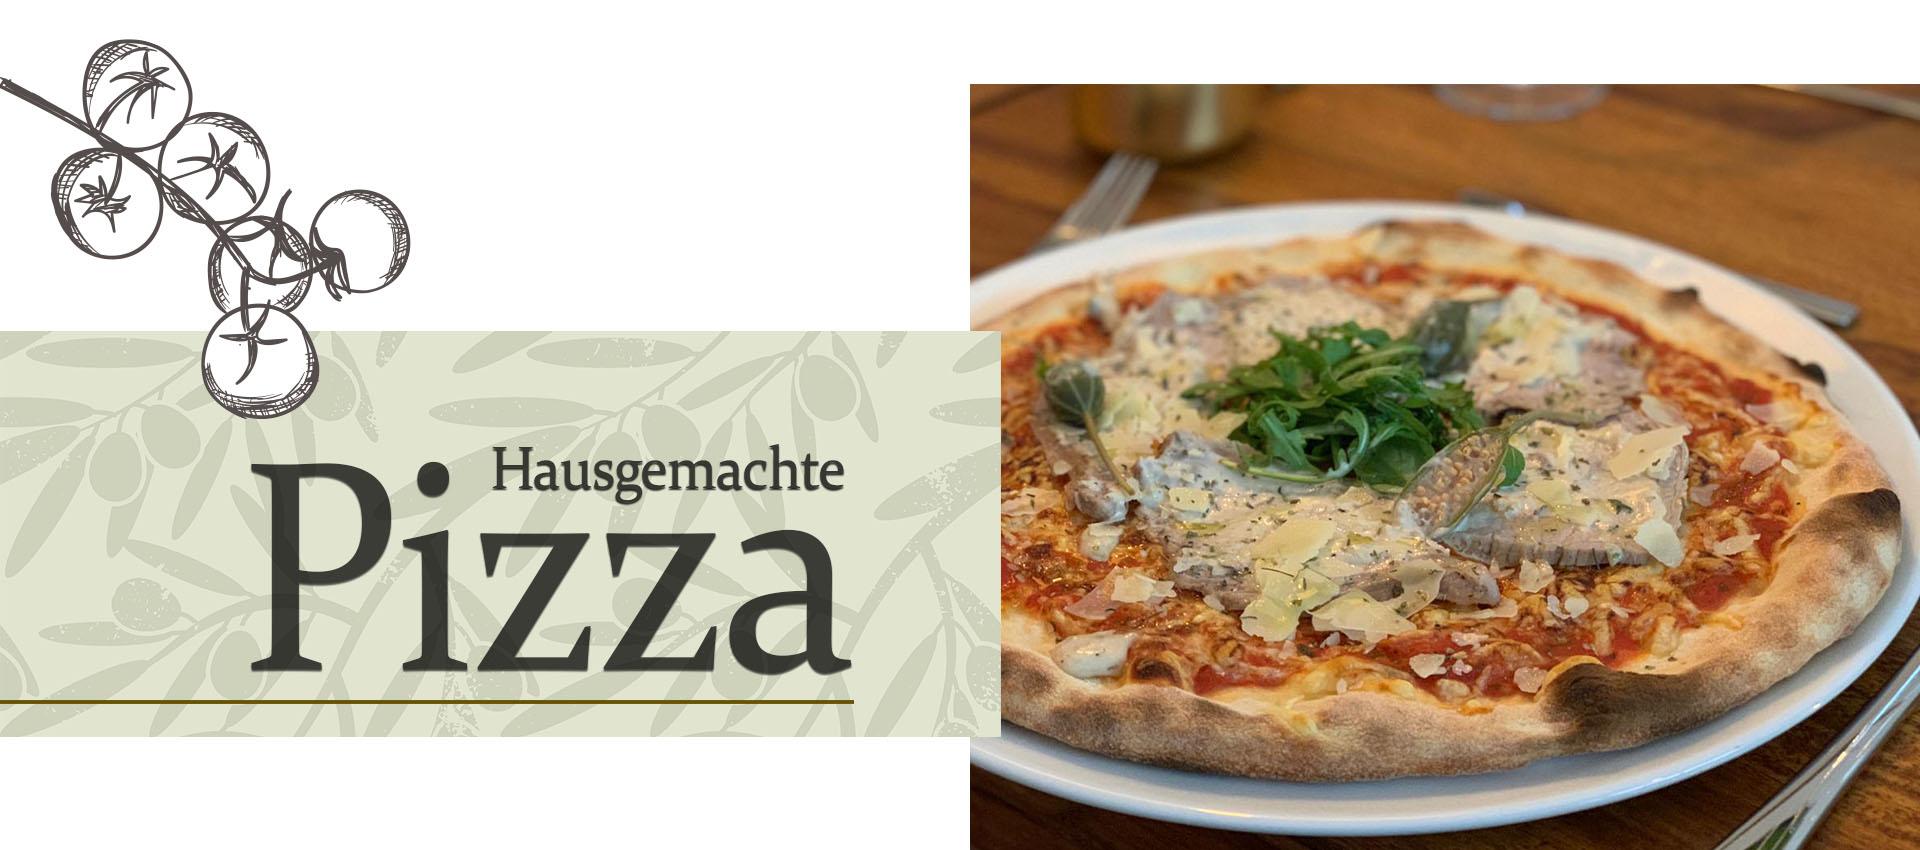 Hausgemachte Pizza im Landkreis Ravensburg. The best pizza in town